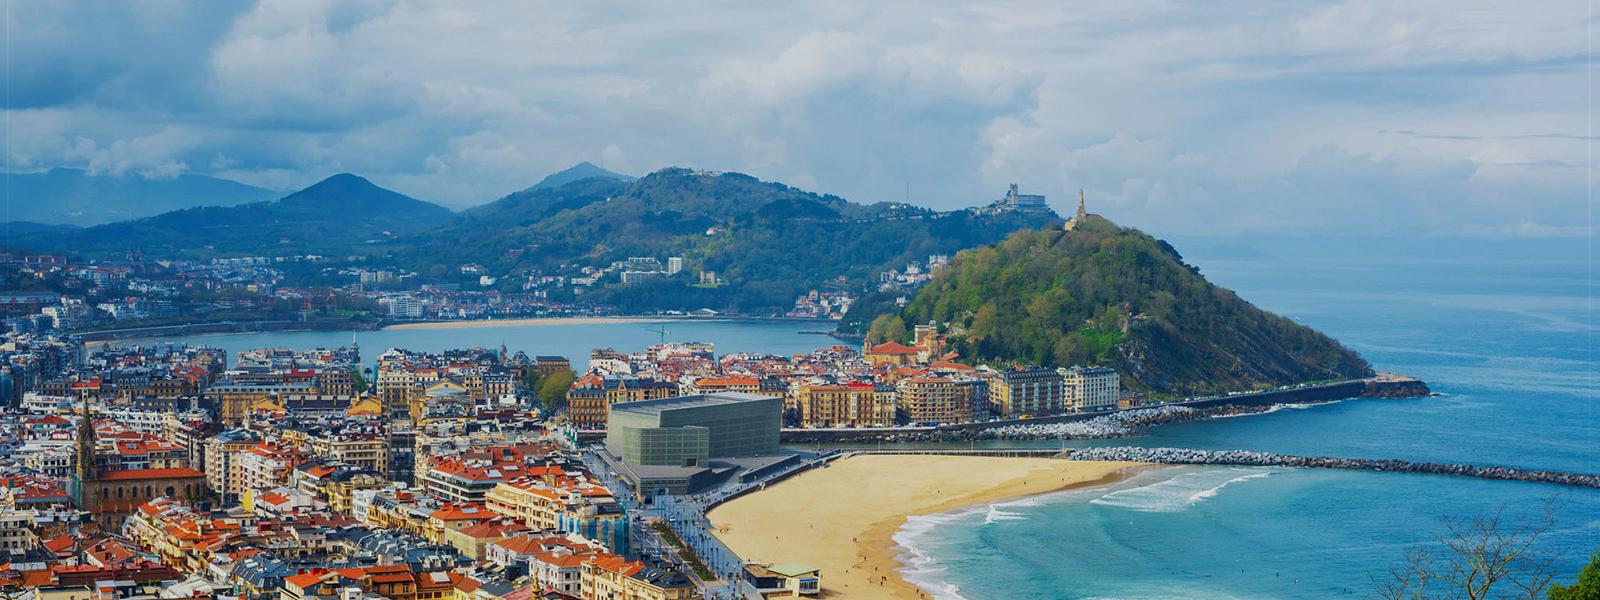 10 inspirational destinations for long weekend getaways